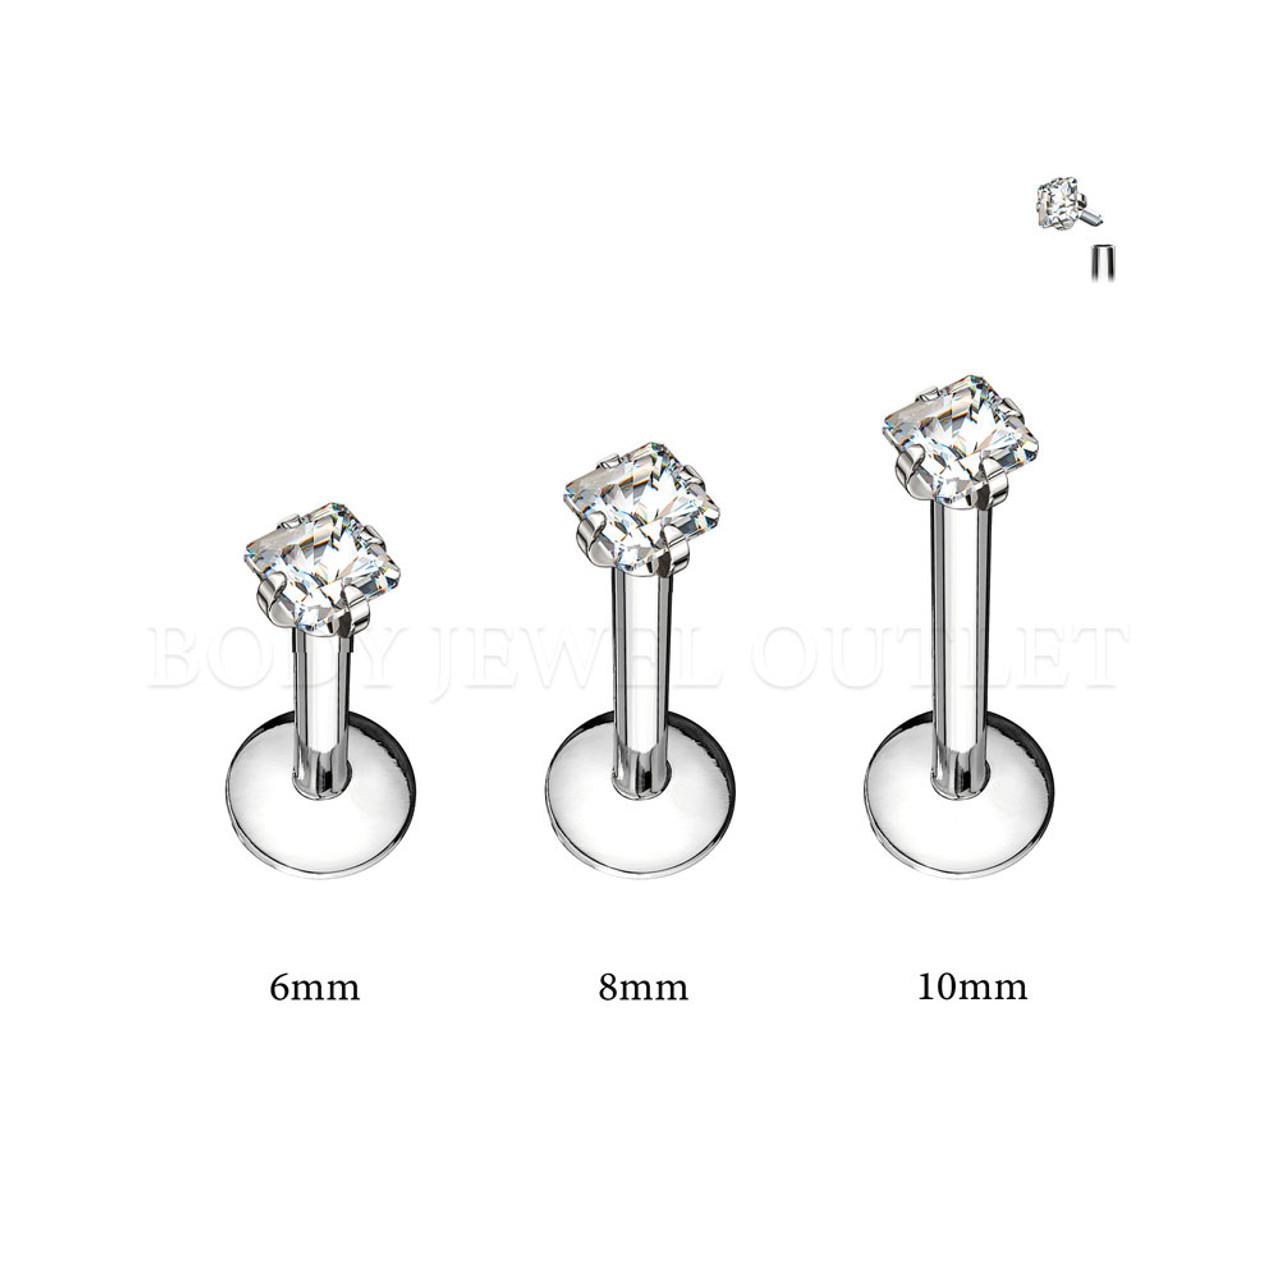 Labret Lip Piercing Steel Internal thread w/ Square Clear CZ | BodyJewelOutlet